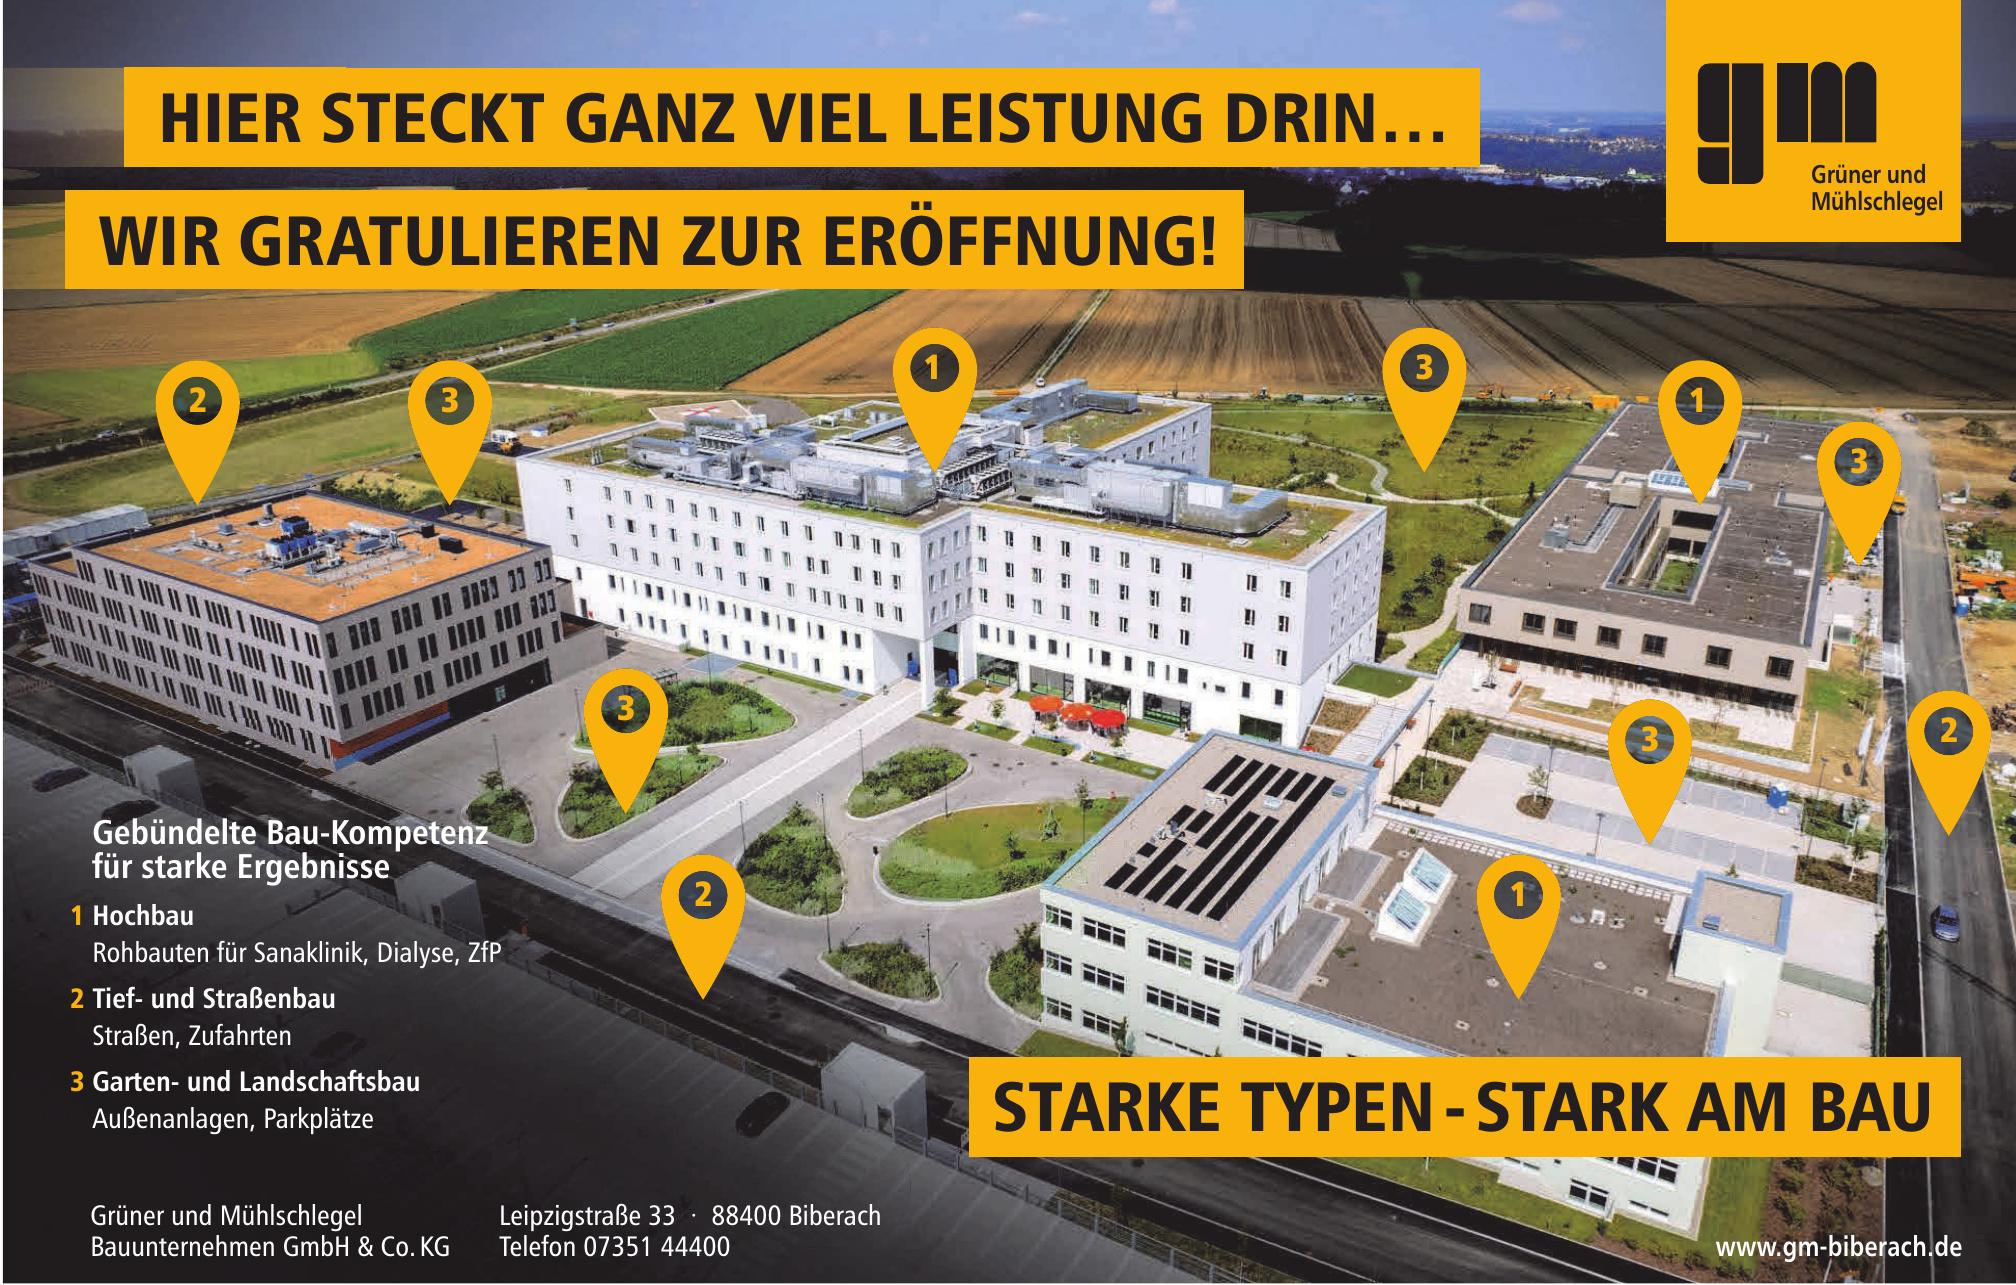 Grüner und Mühlschlegel Bauunternehmen GmbH & Co. KG